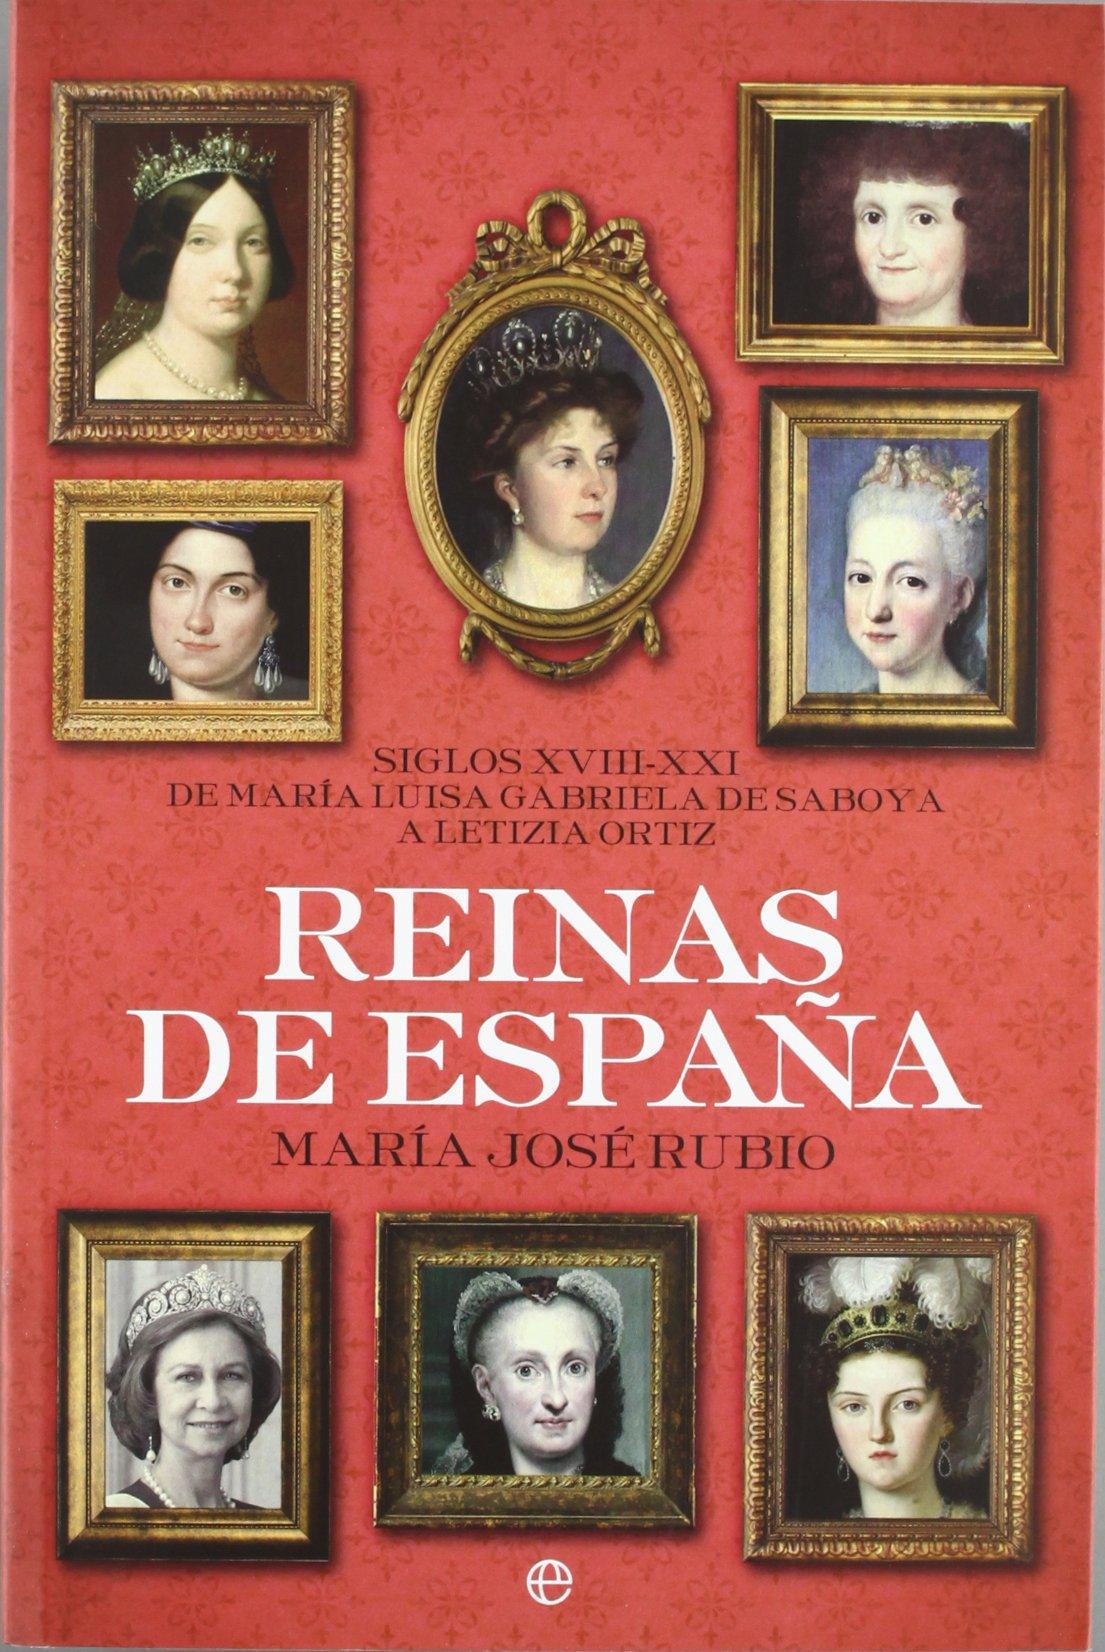 Reinas de España (Historia (la Esfera)): Amazon.es: Rubio, Maria Jose: Libros